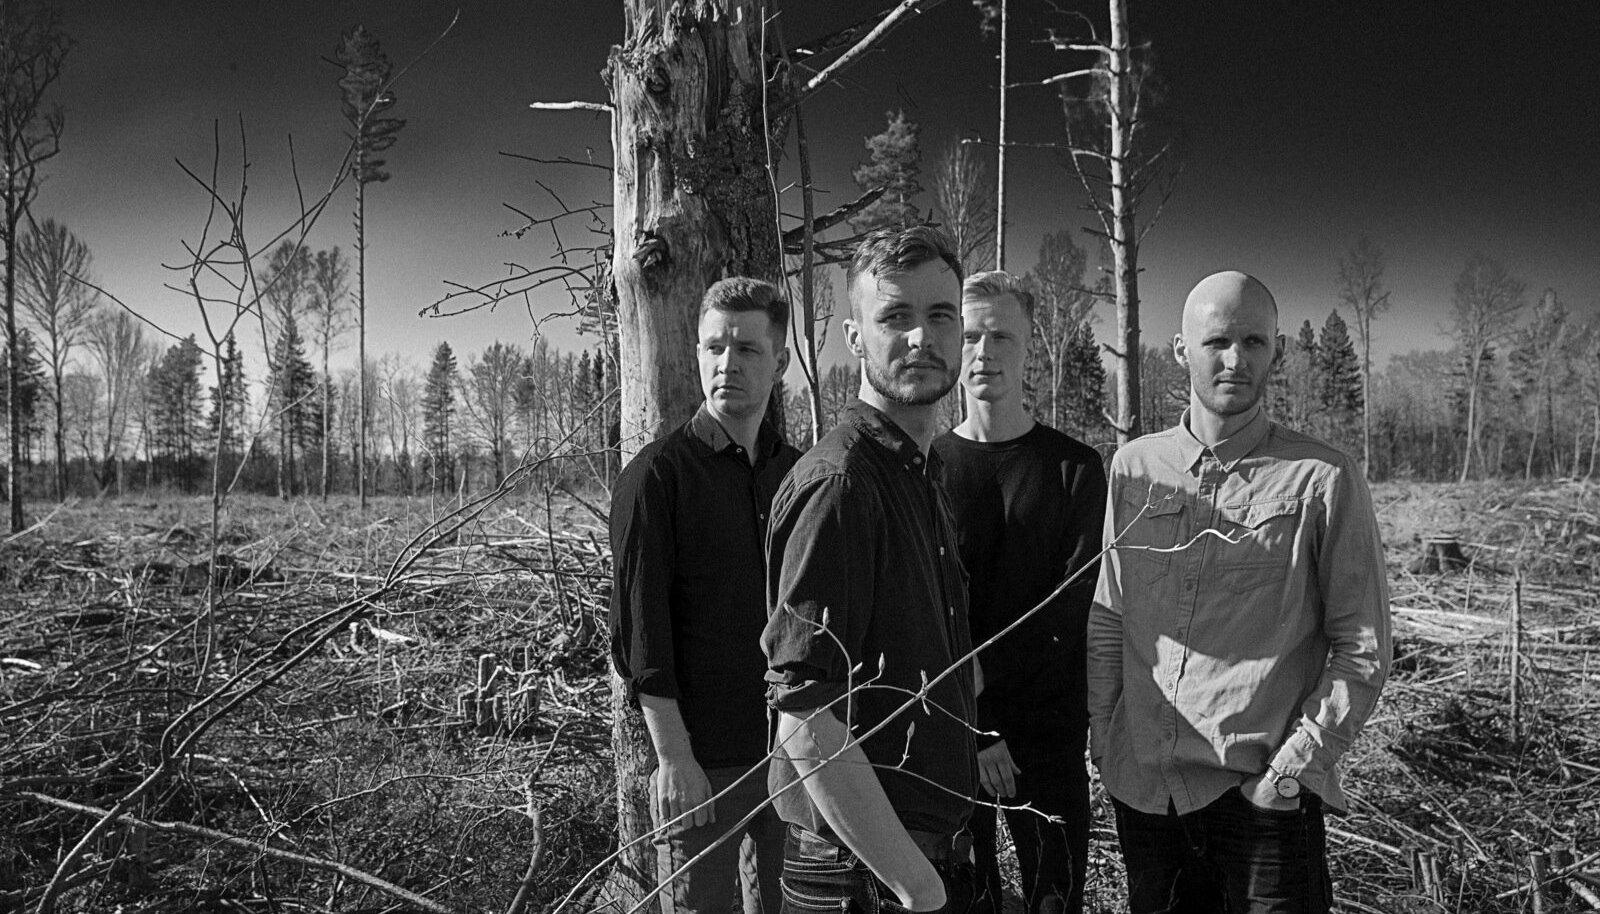 MILJARDID KUSAGIL LÄÄNES: (vasakult) Kristjan Kallas, Marten Kuningas, Raul Ojamaa ja Peedu Kass.